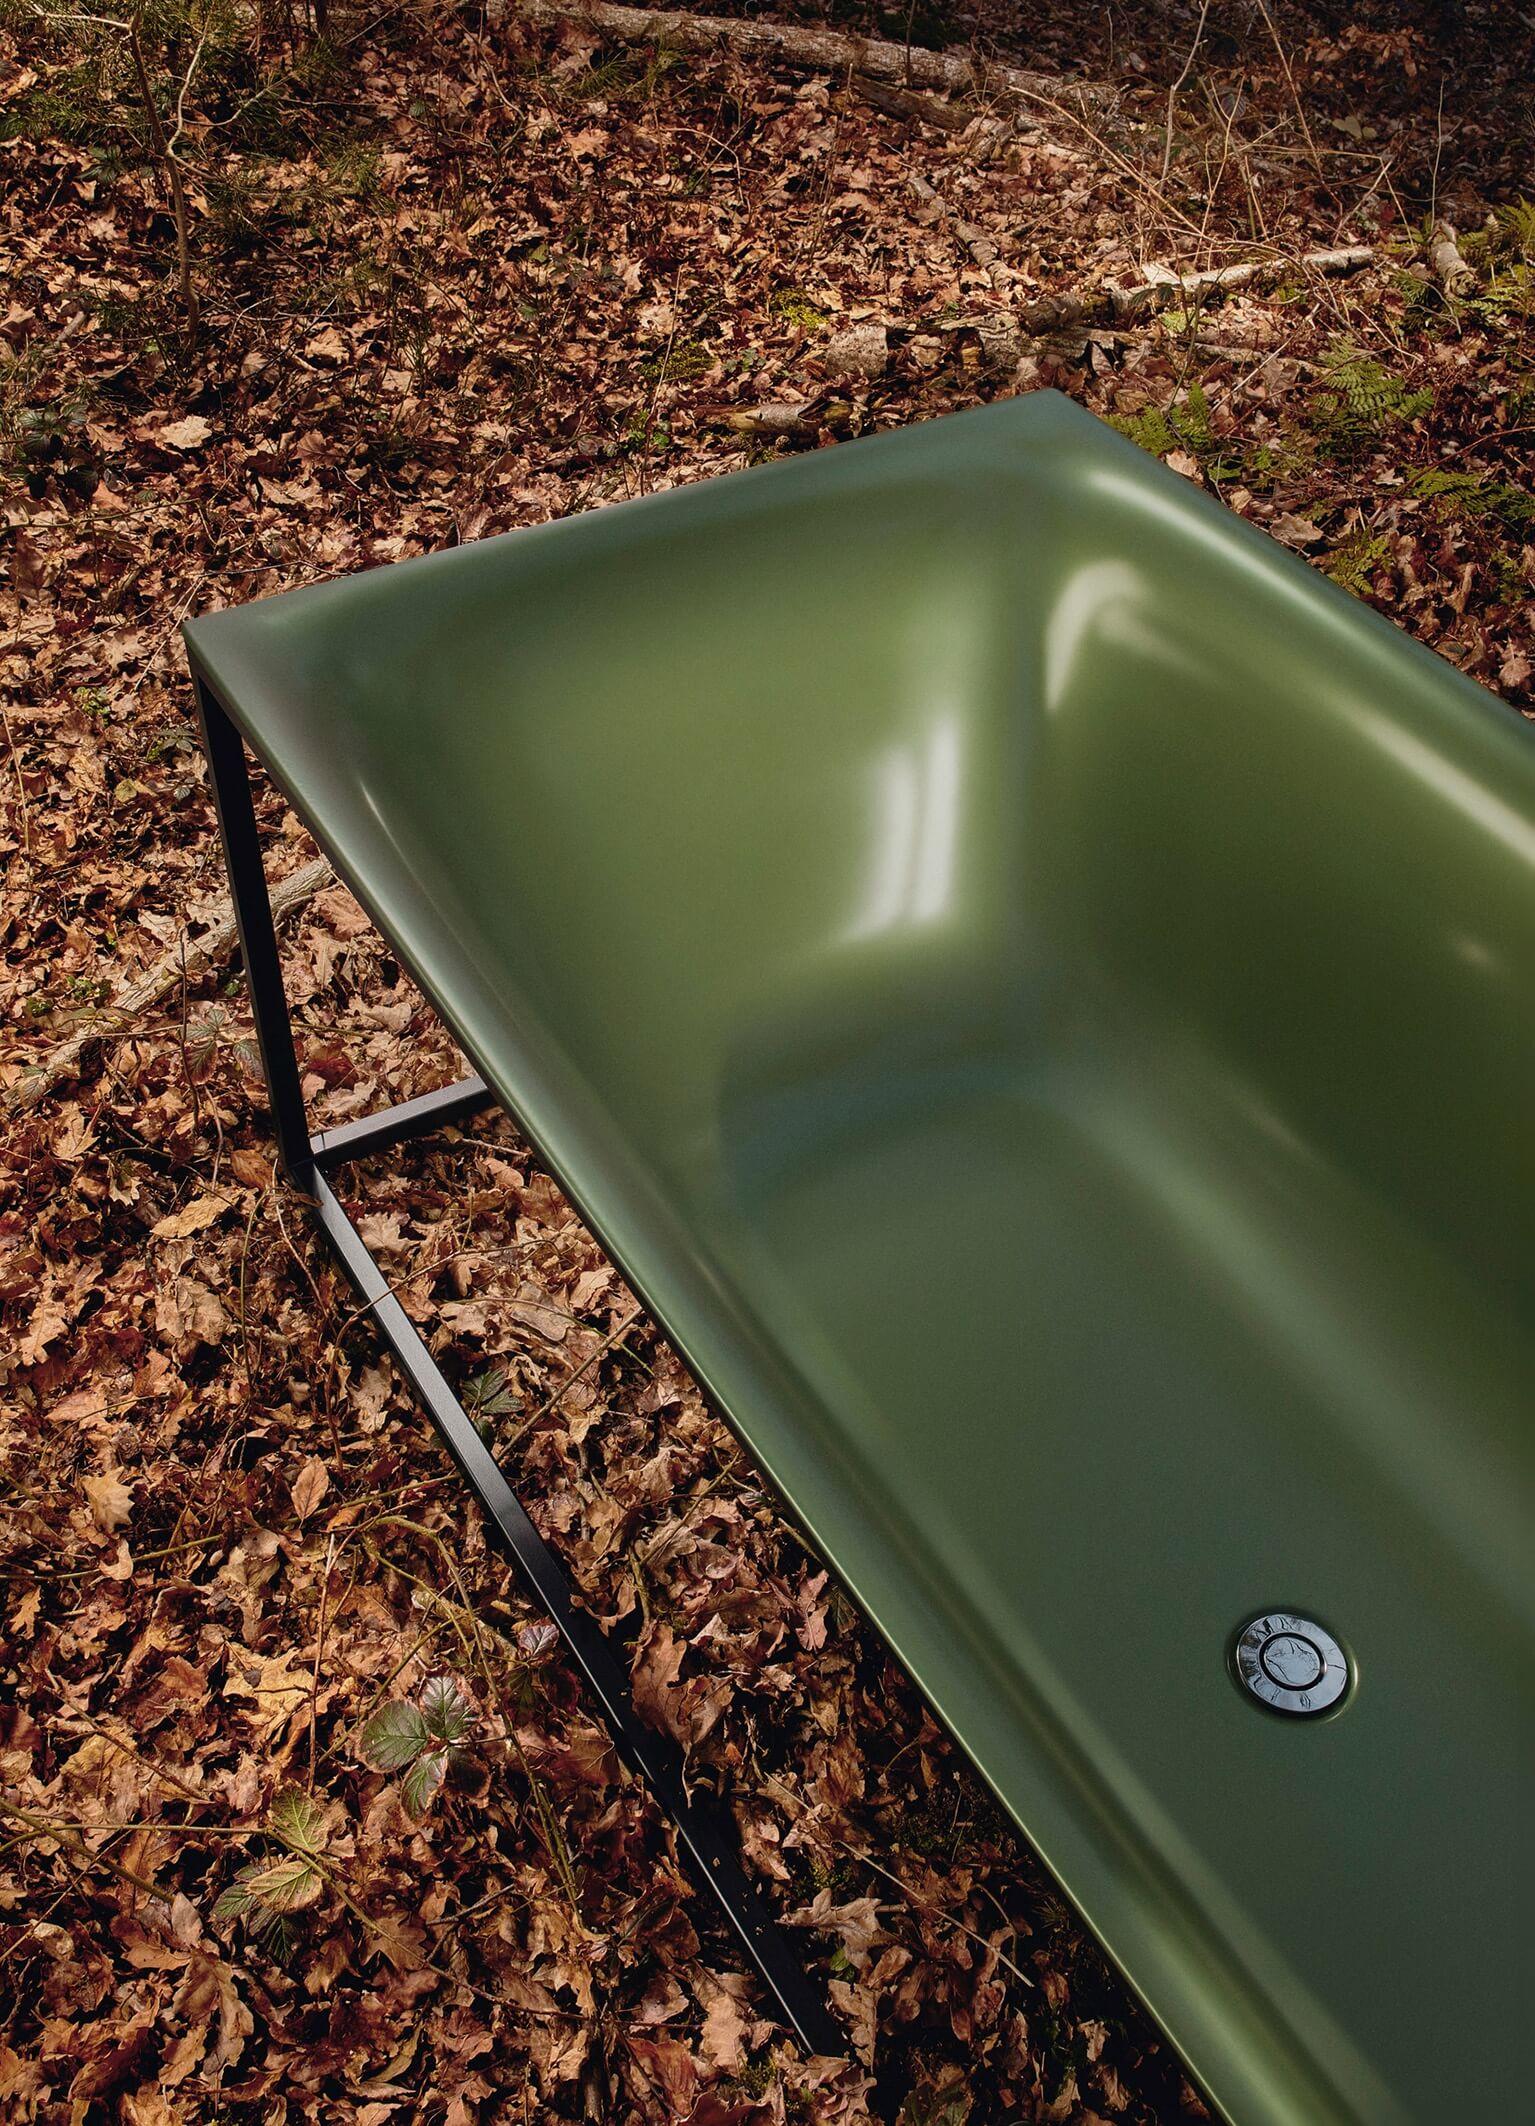 Der Herbst erfreut mit seiner Farbenpracht – auch im Bad. Grün ist laut Vereinigung Deutsche Sanitärwirtschaft (VDS) wieder willkommen. Selbst die Wanne darf sich in den Farben von Wald und Moos zeigen.